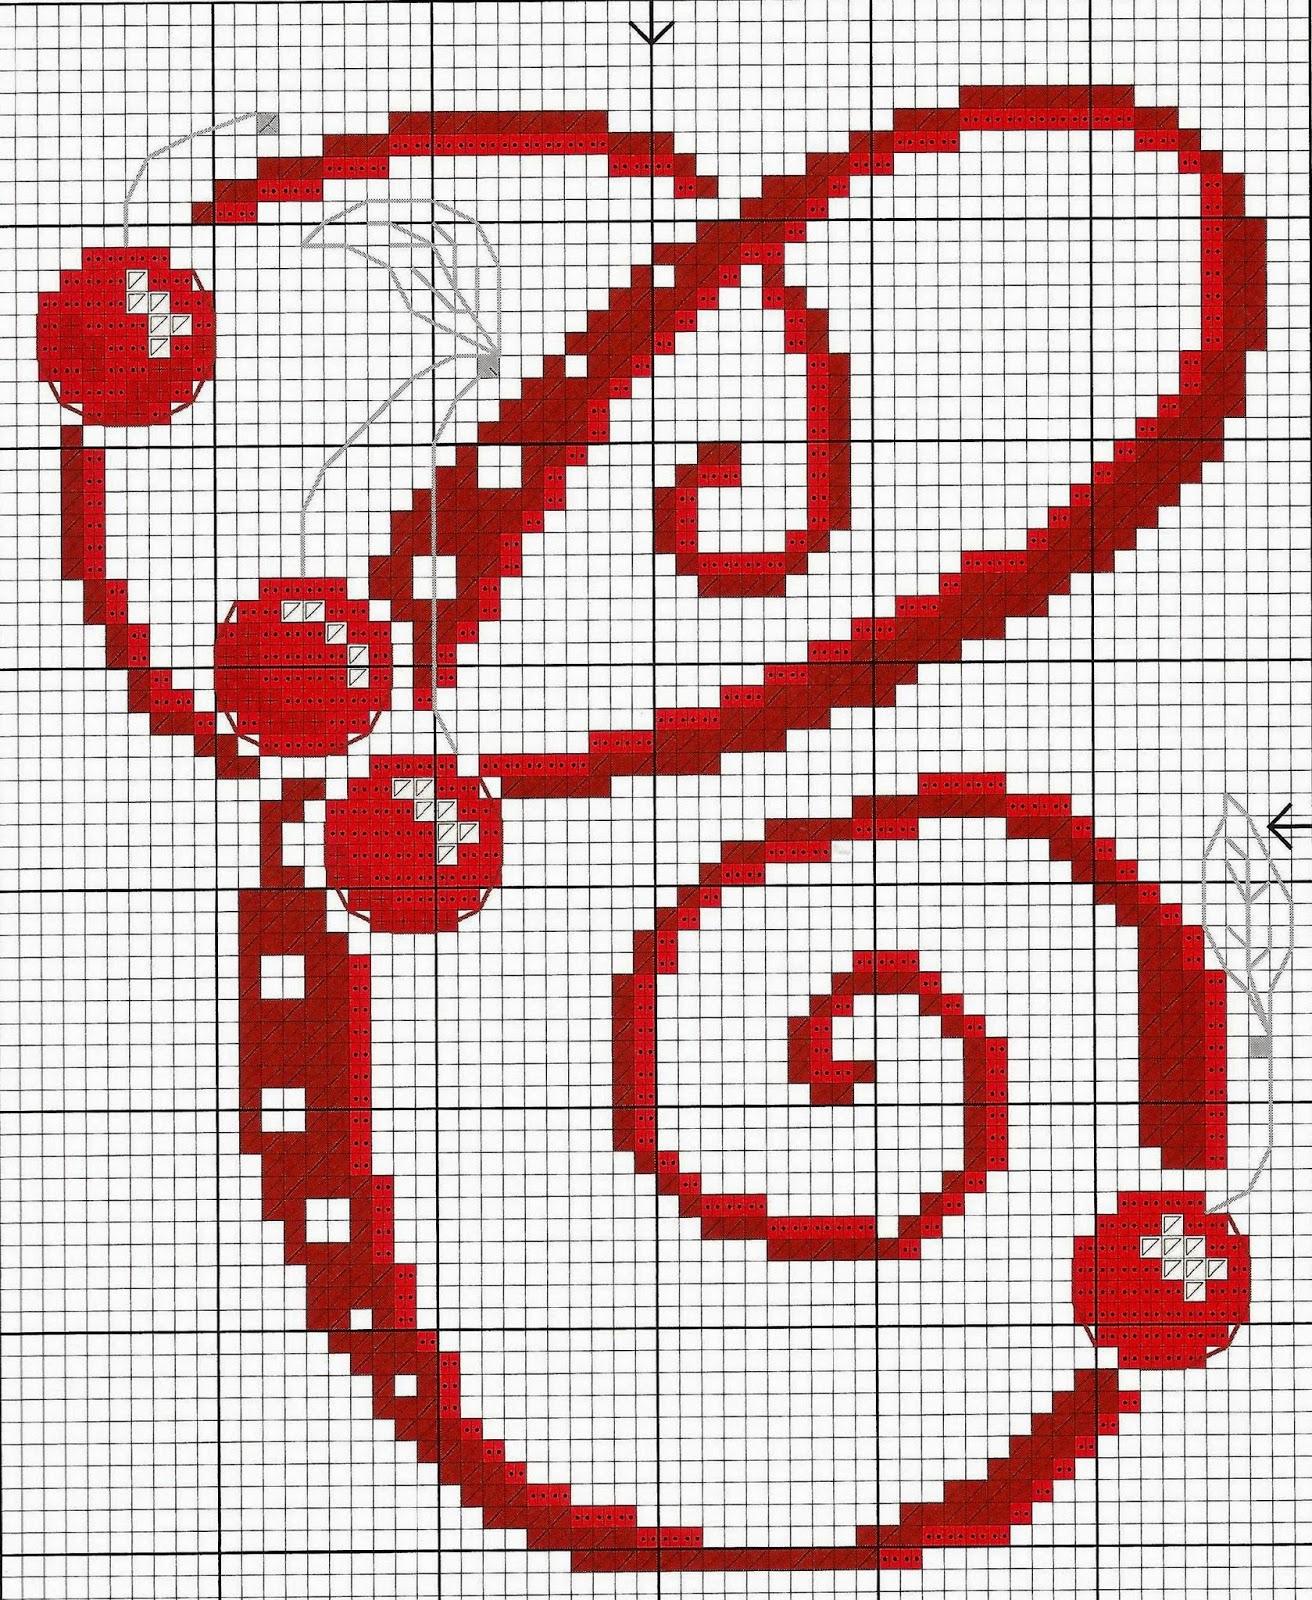 h qо схемы вышивки крестом бабочки